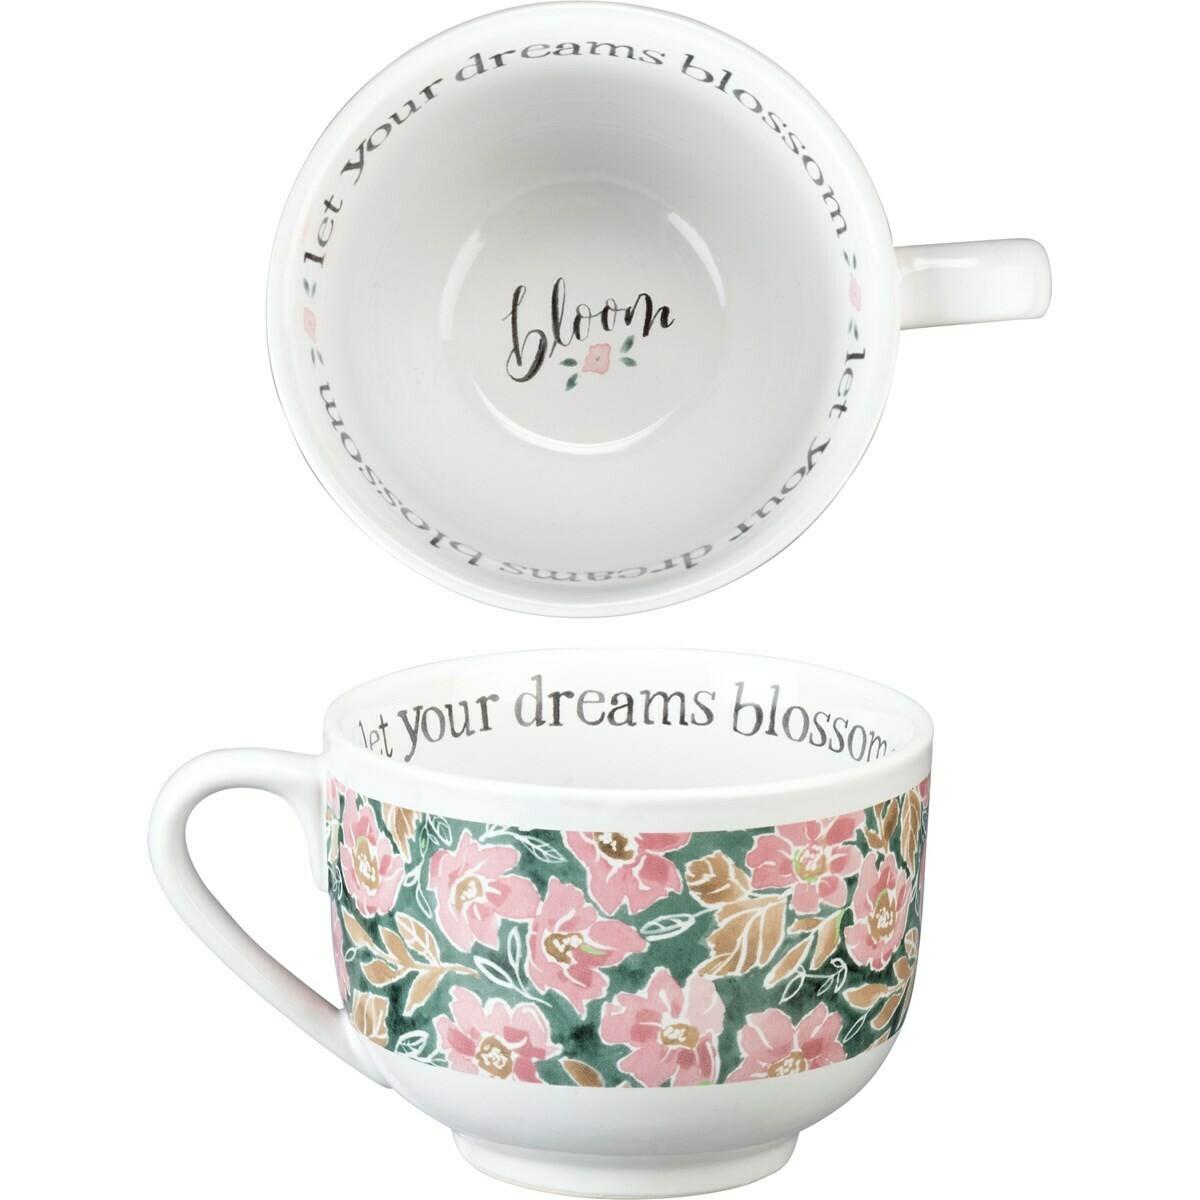 Dreams Blossom Mug